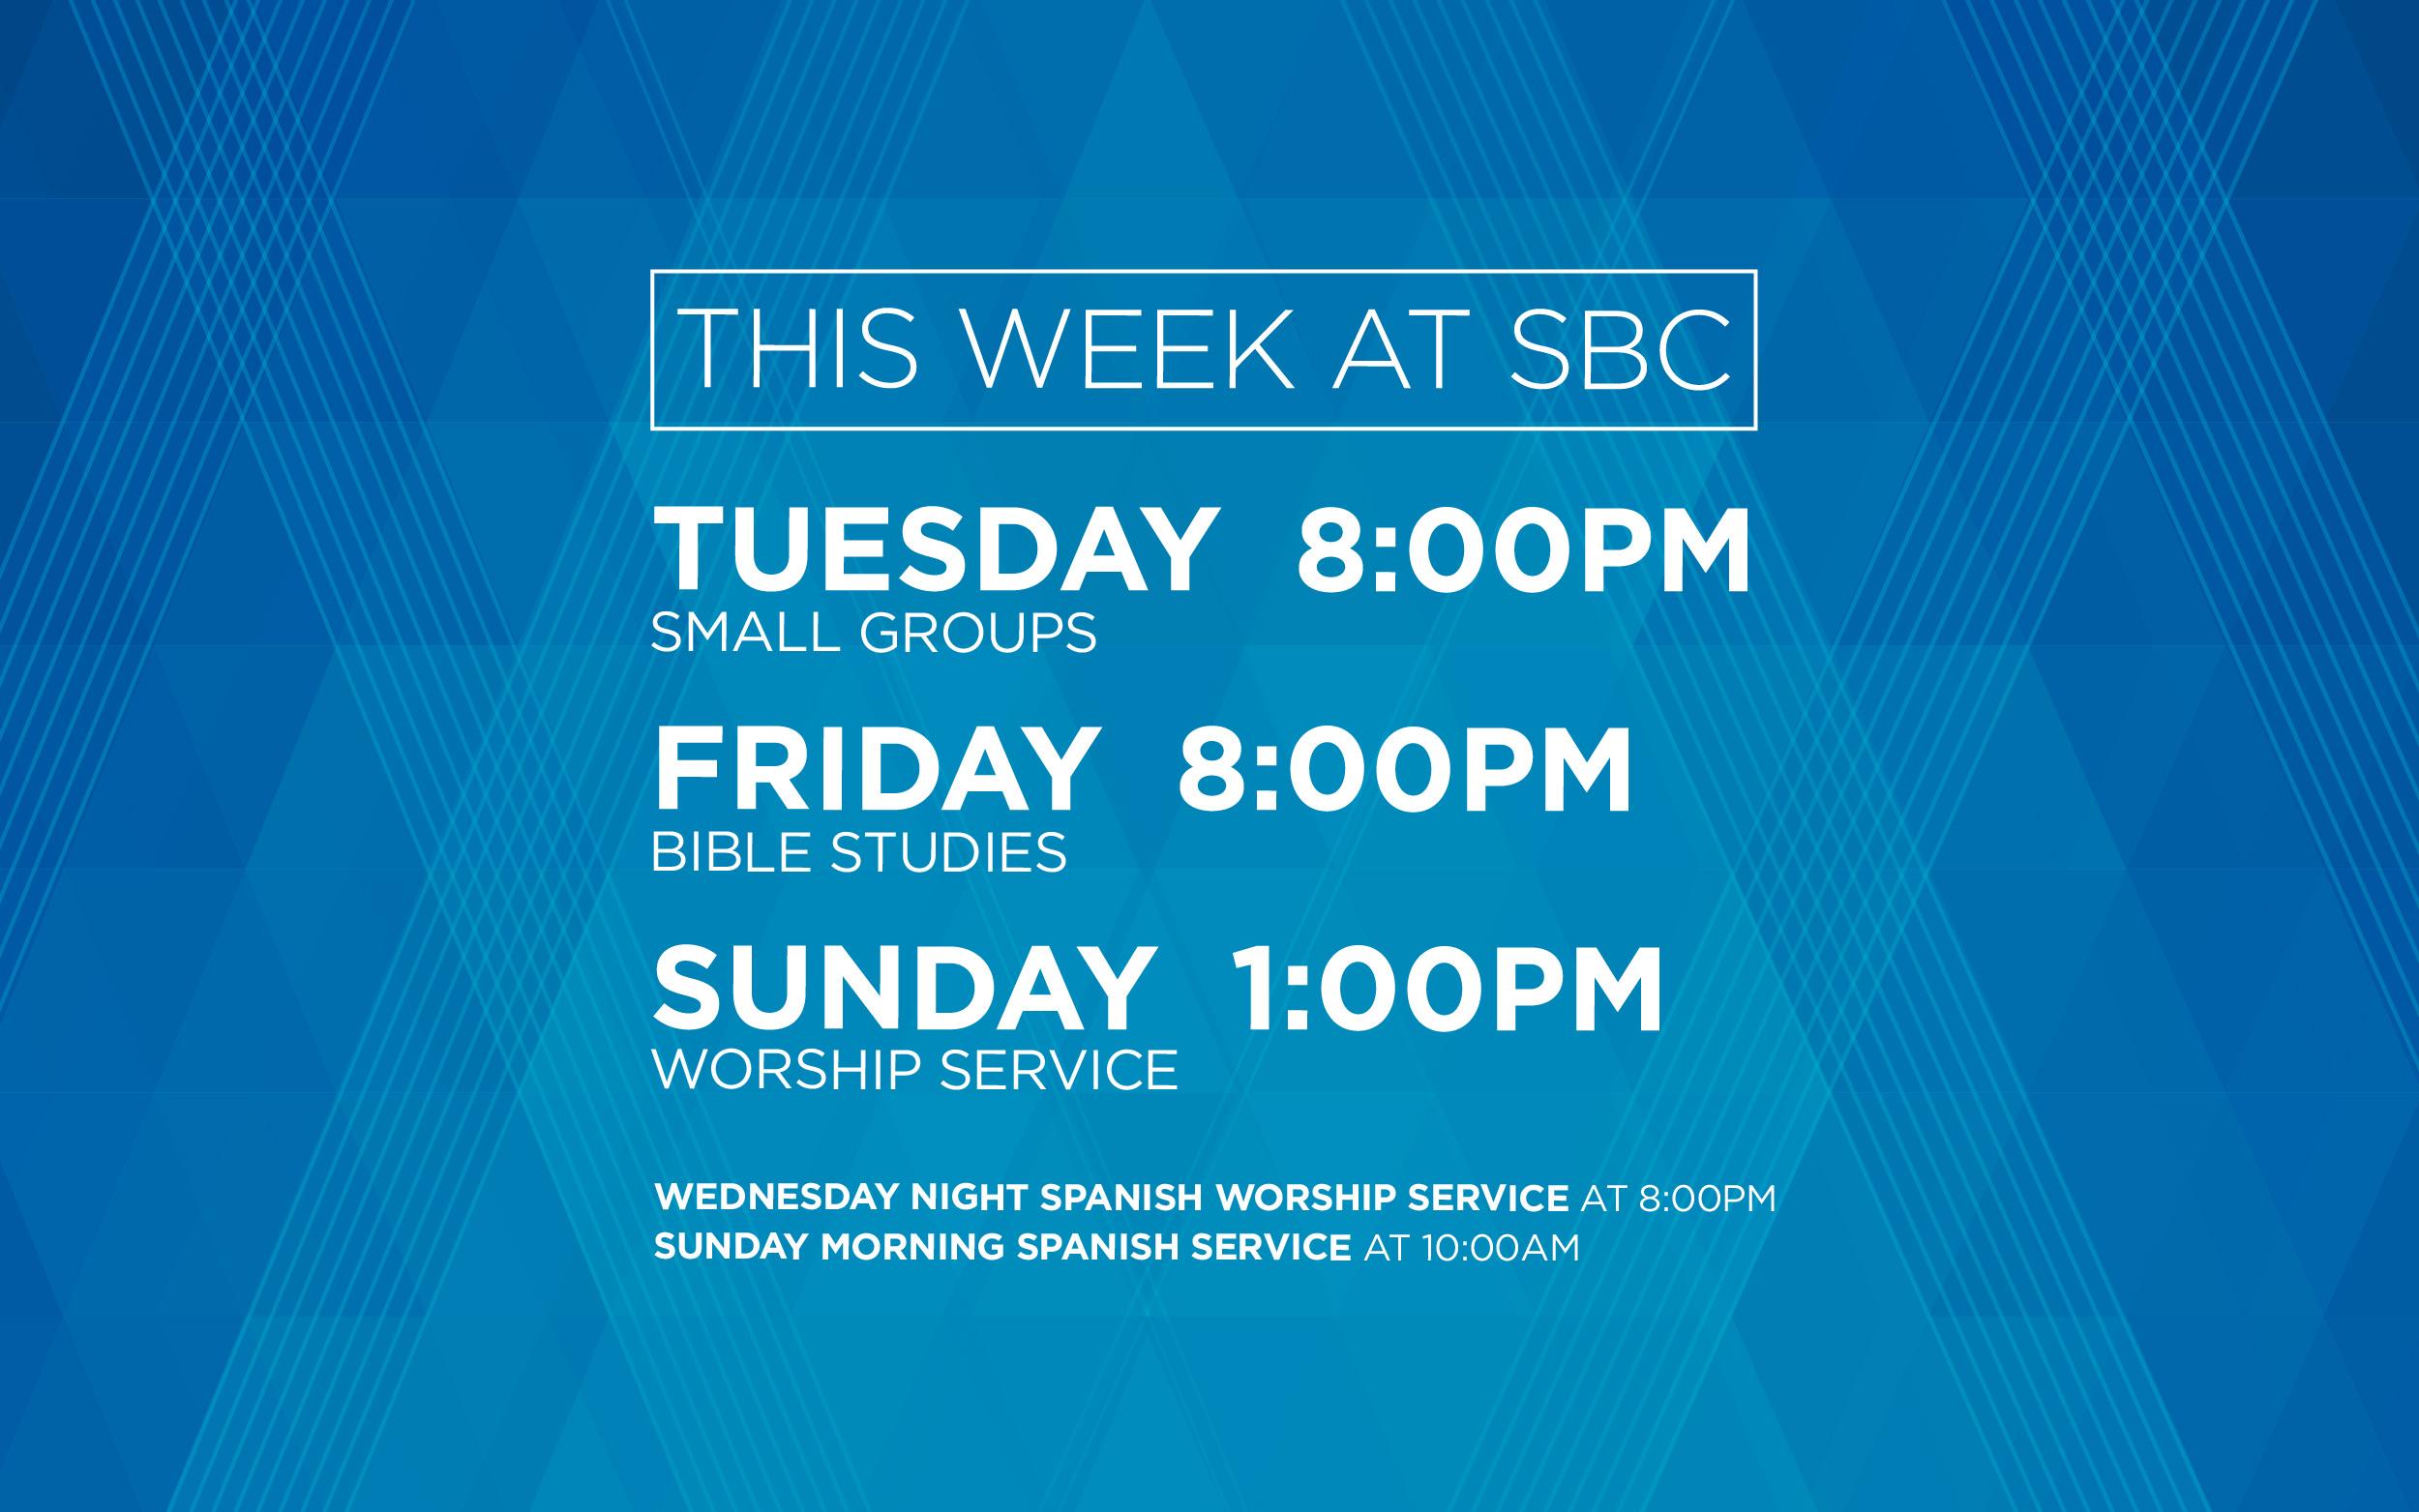 SBC - website - this week at sbc-01 2.jpg